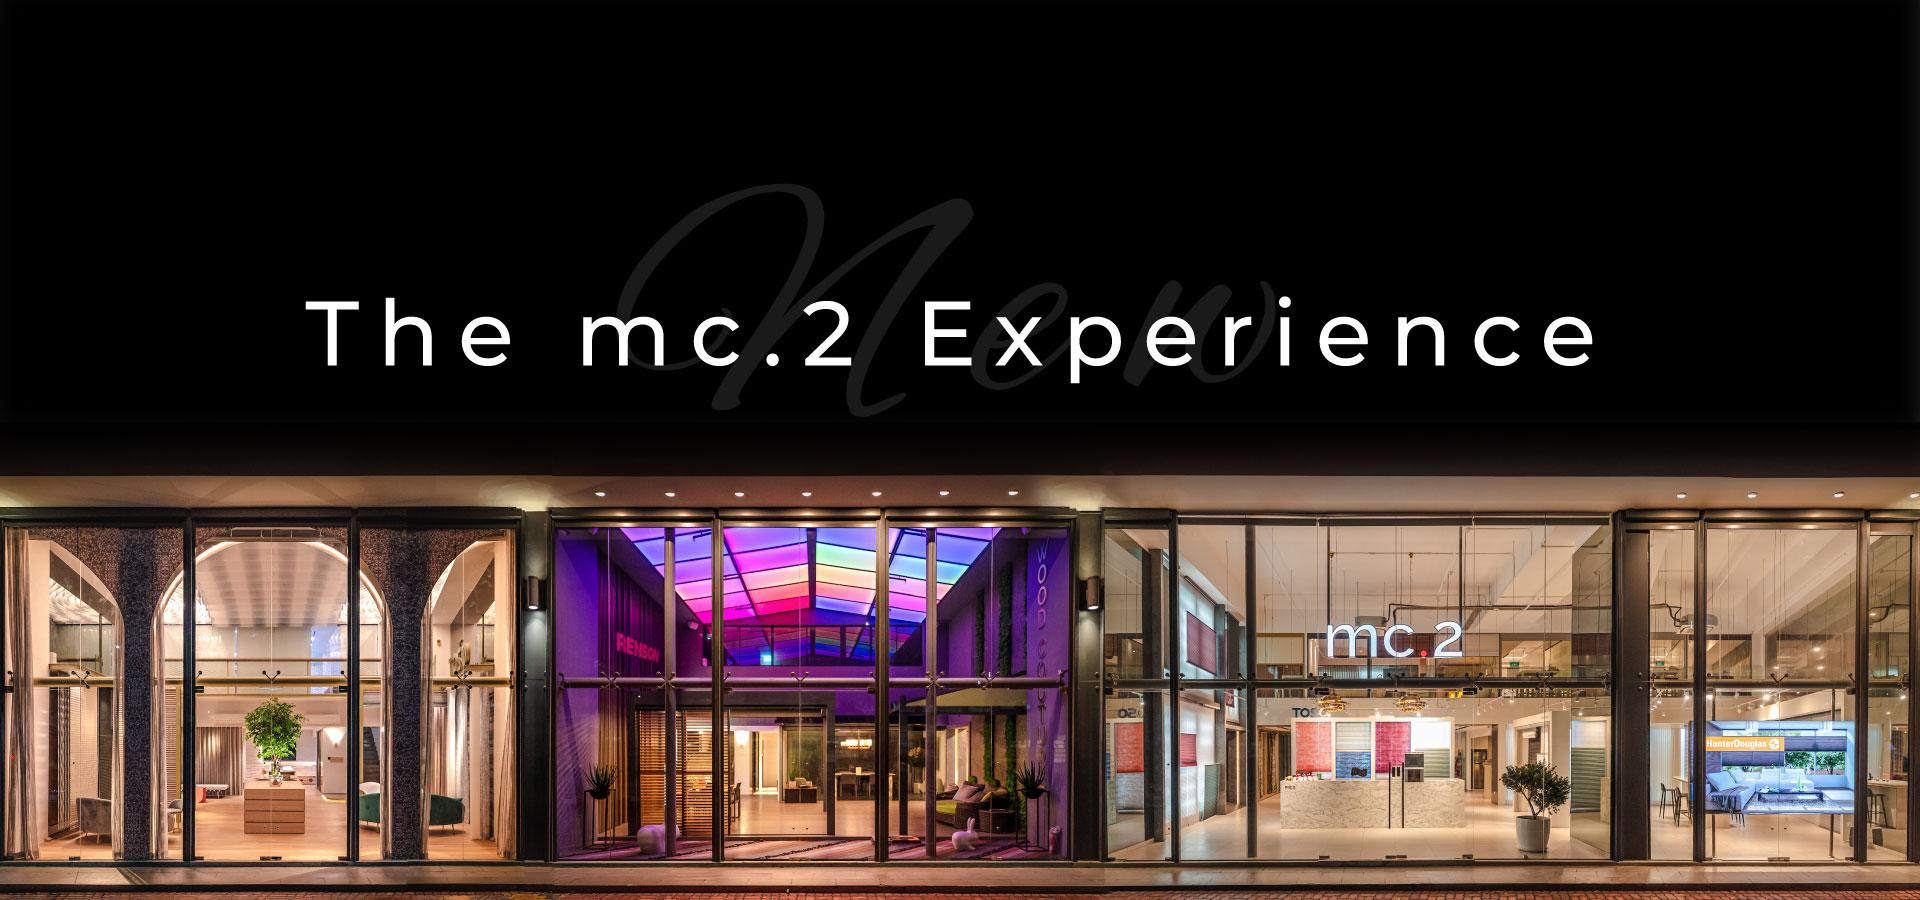 mc.2-Gallery